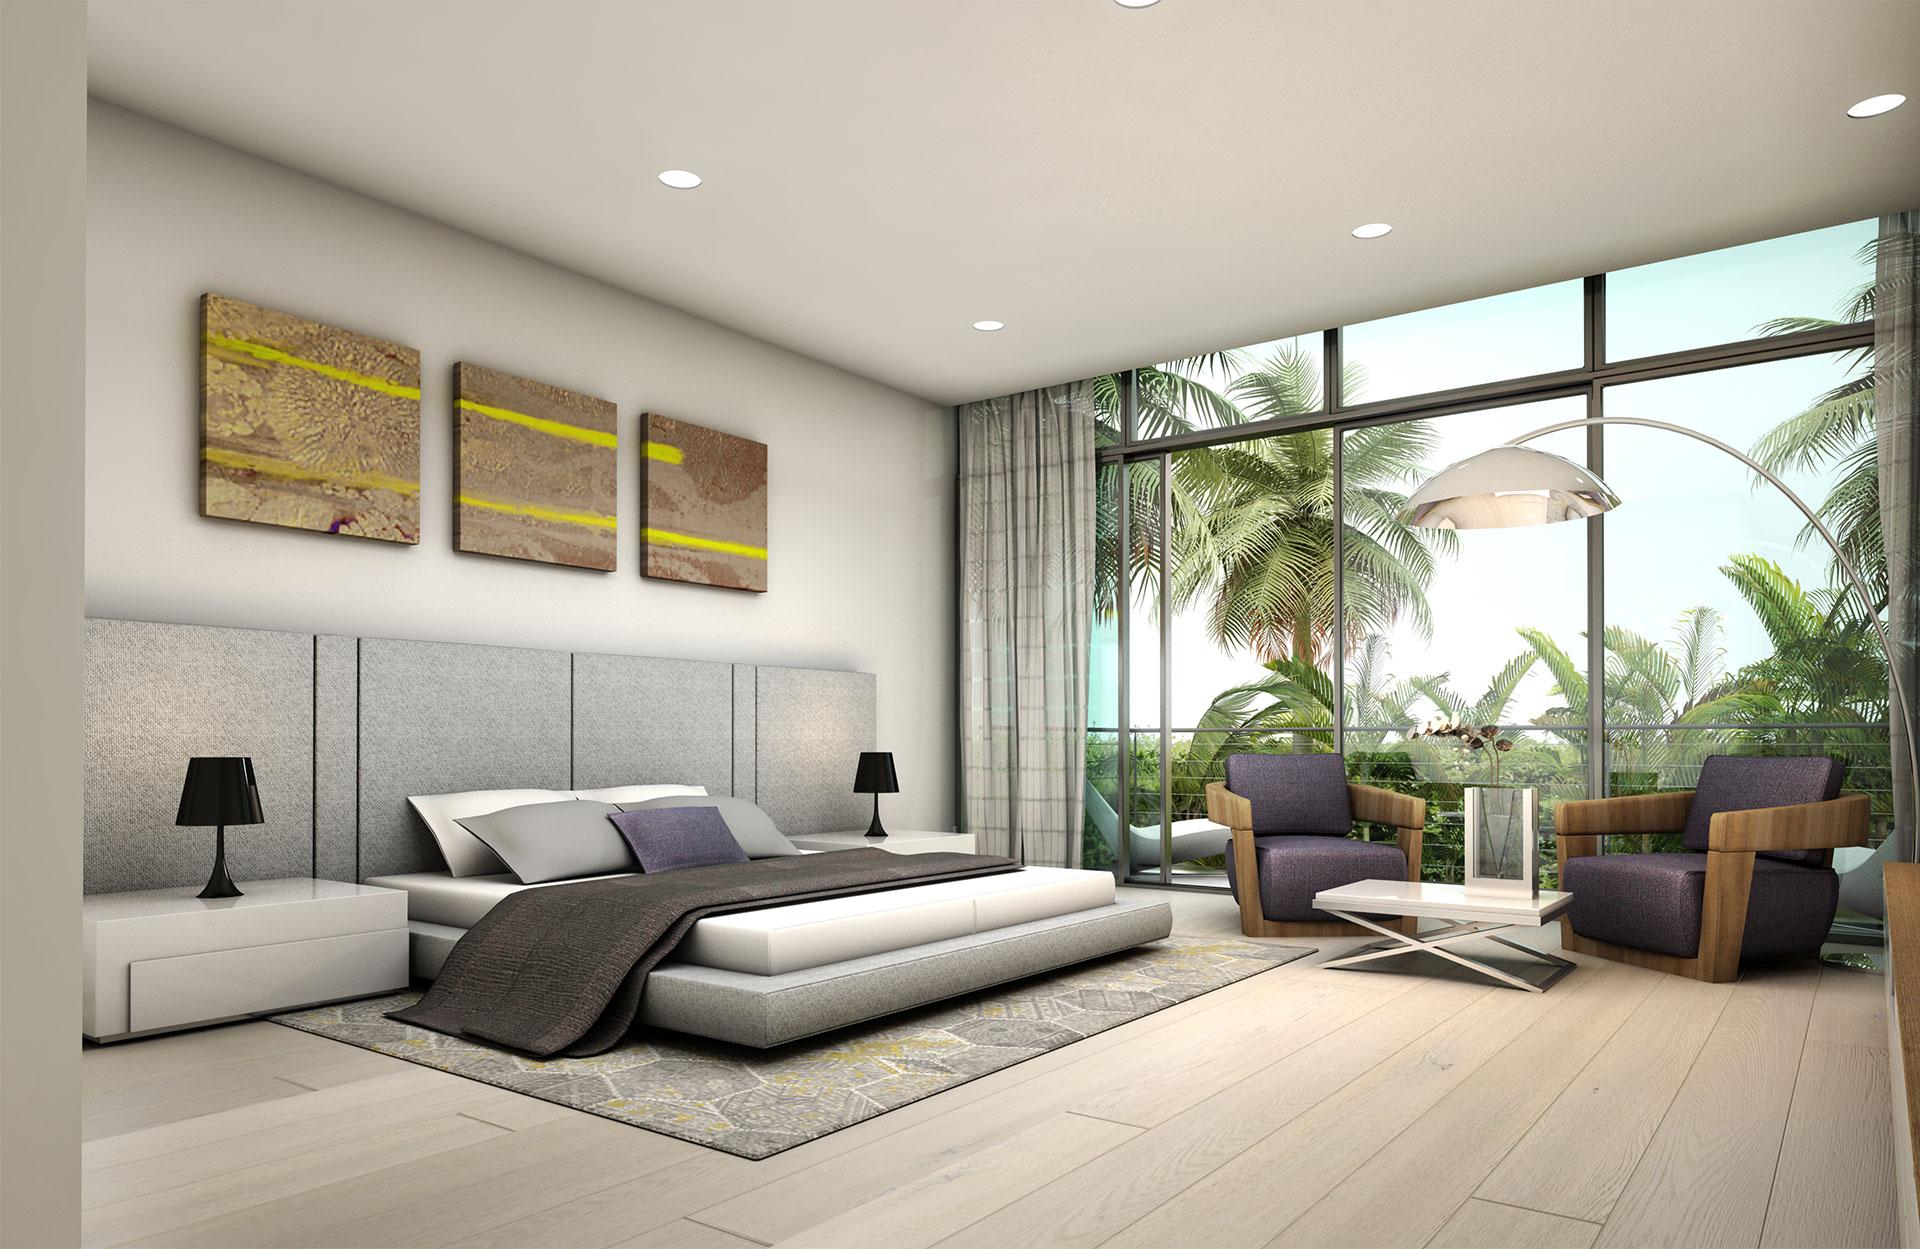 Interior Design bedroom project in 1350 Bay Harbor, Florida